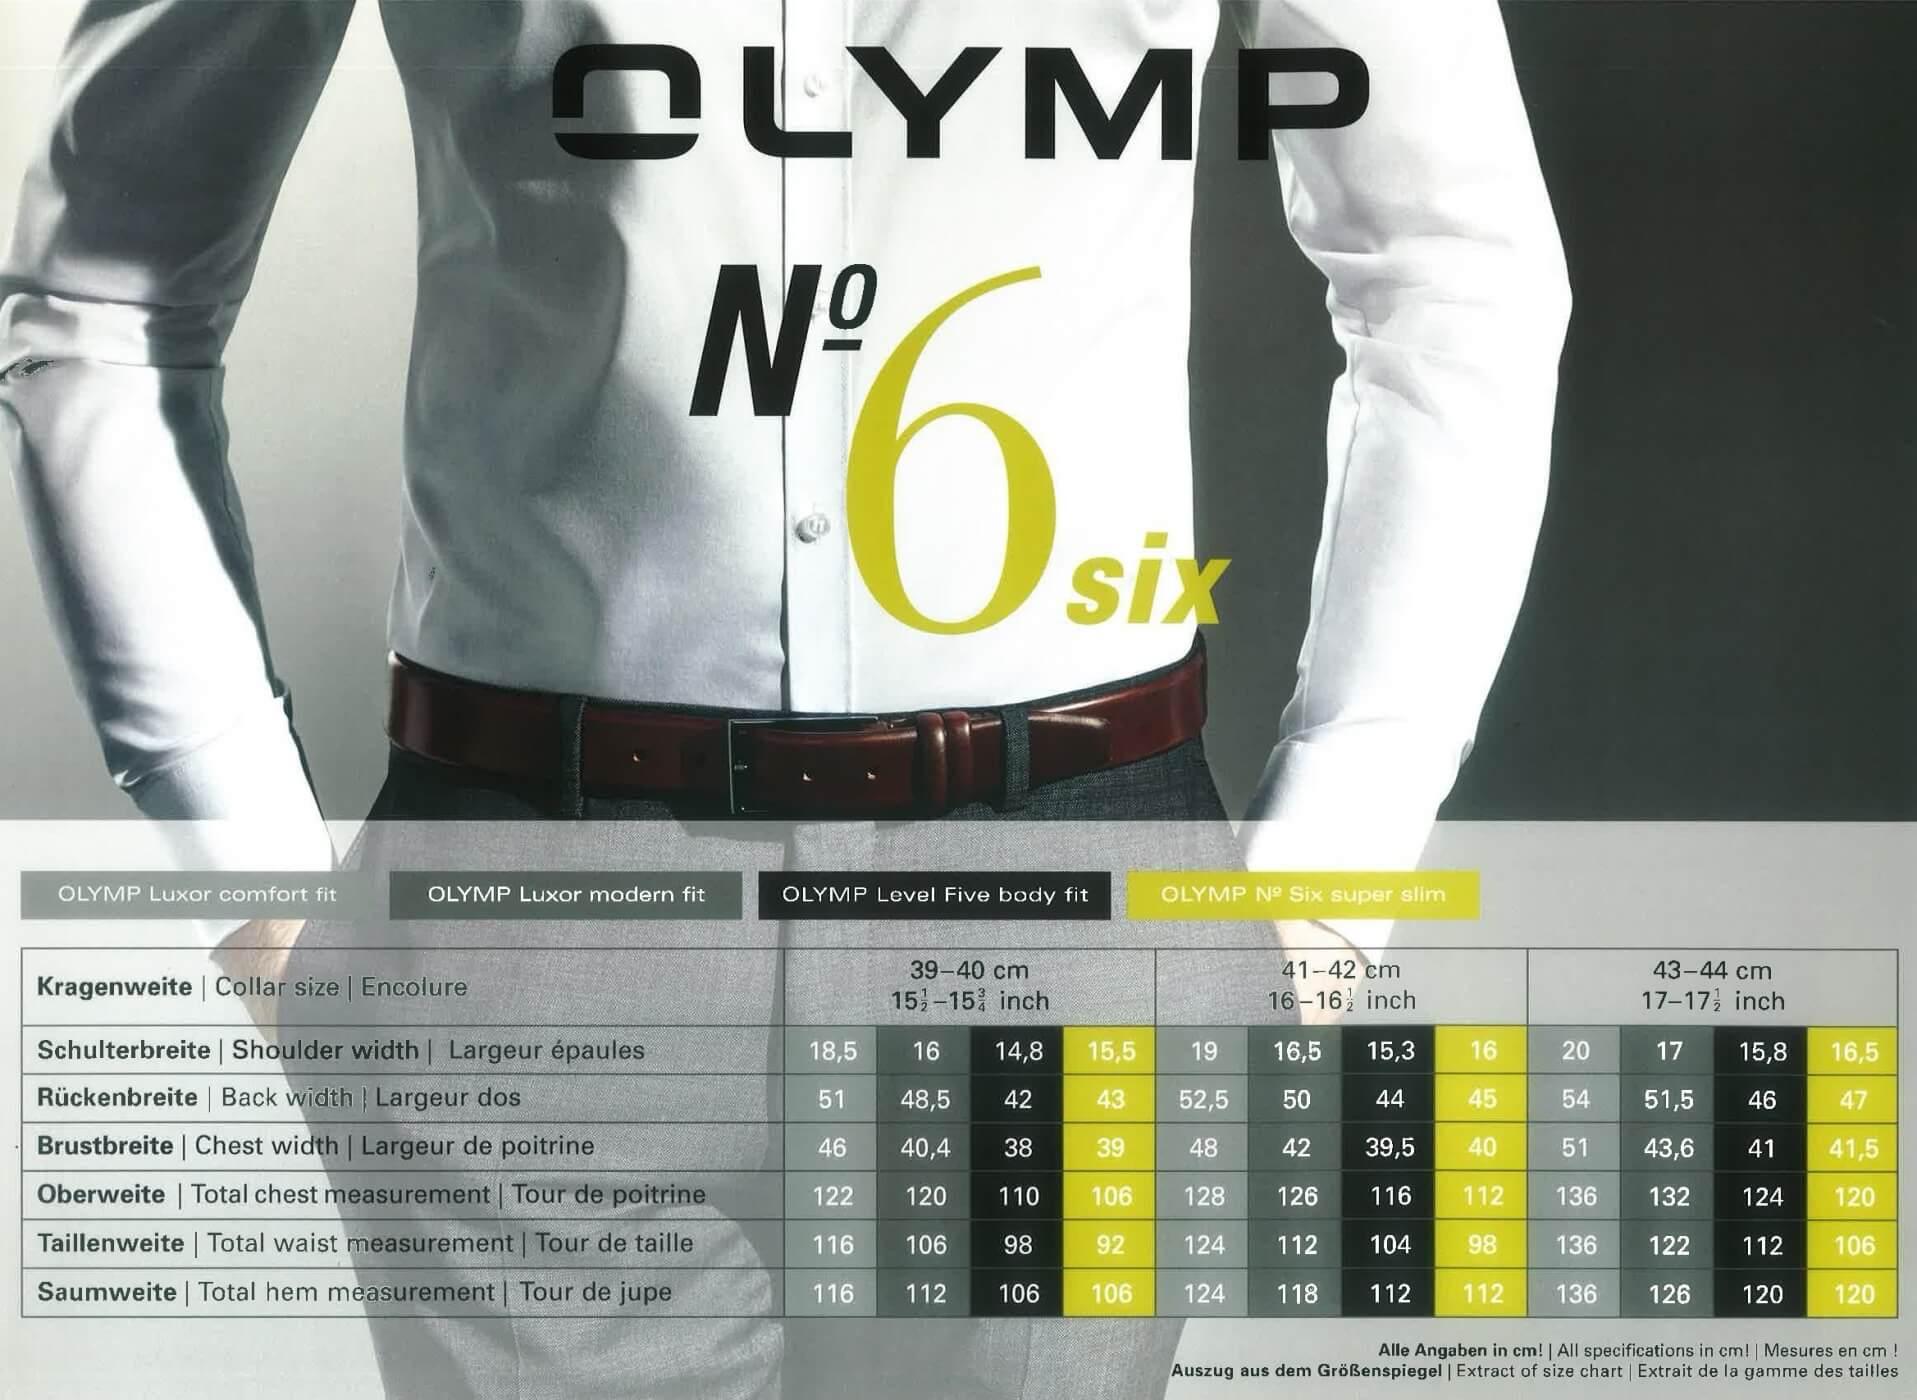 77e6cbff14 No.6 - Six / super slim (extrém karcsúsított) - Olymp ing webáruház -  Minőségi vasalásmentes ingek és nyakkendők